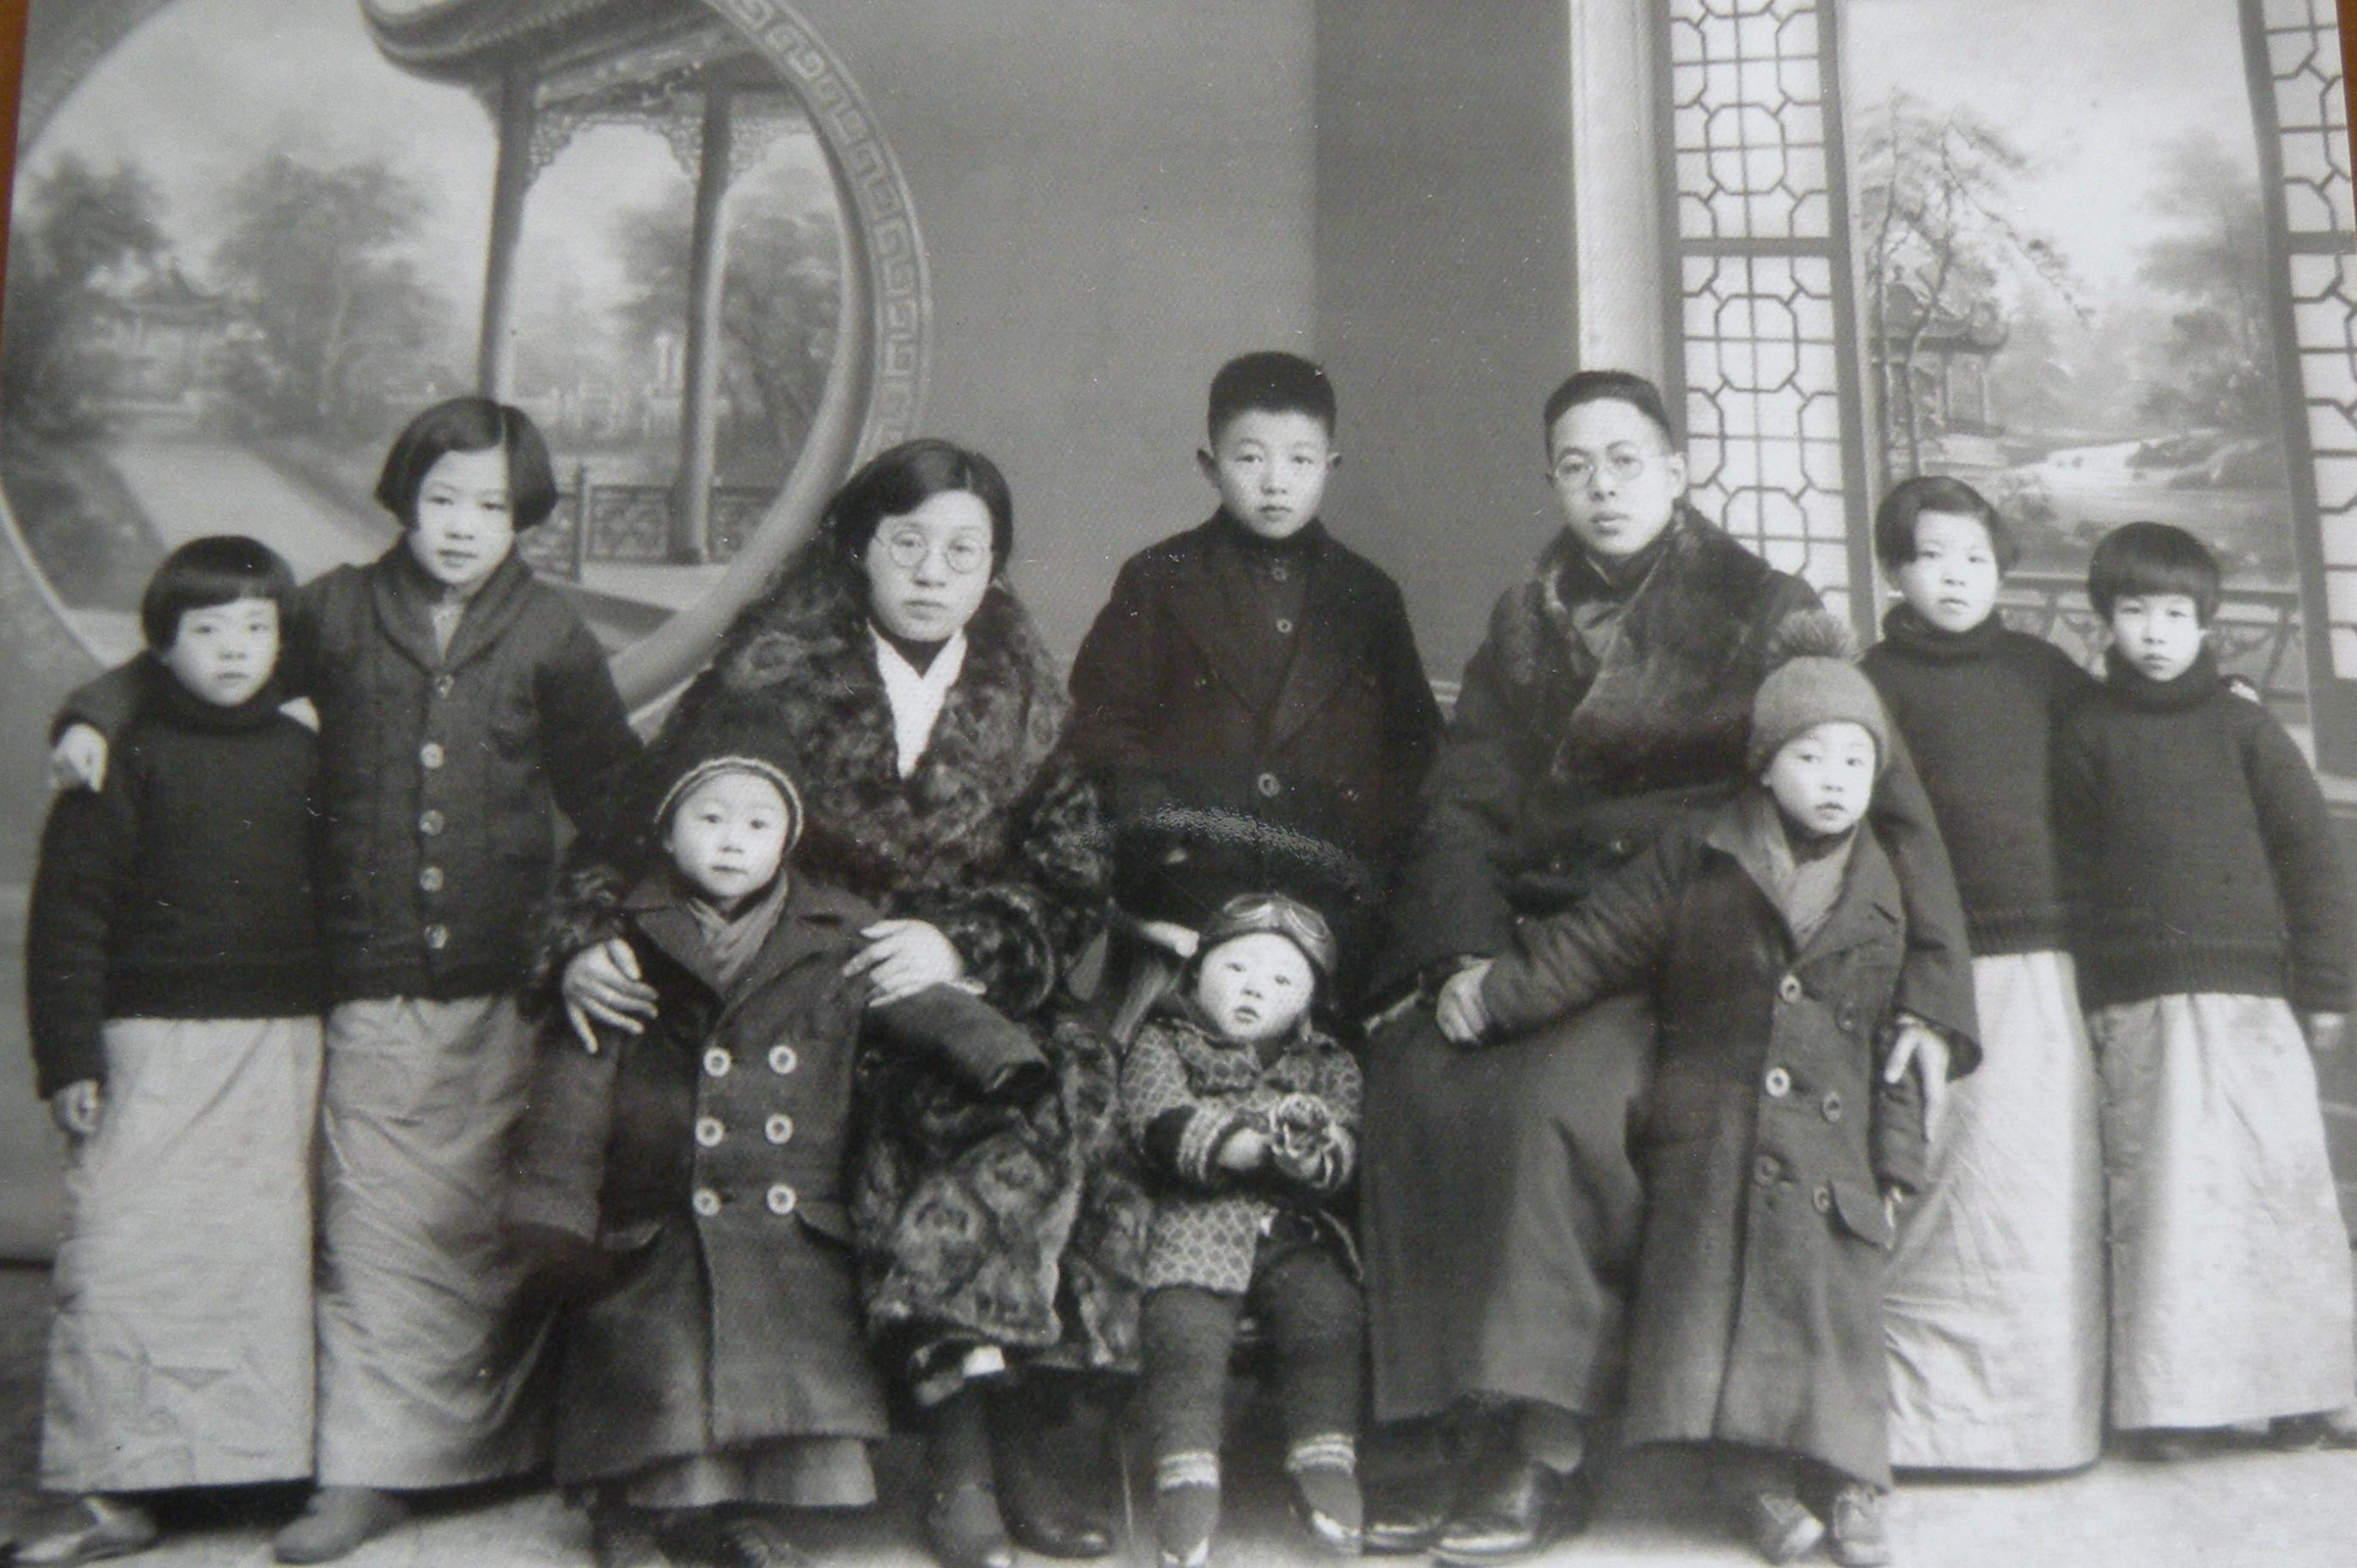 四02 1935年(77年前)全家福.JPG